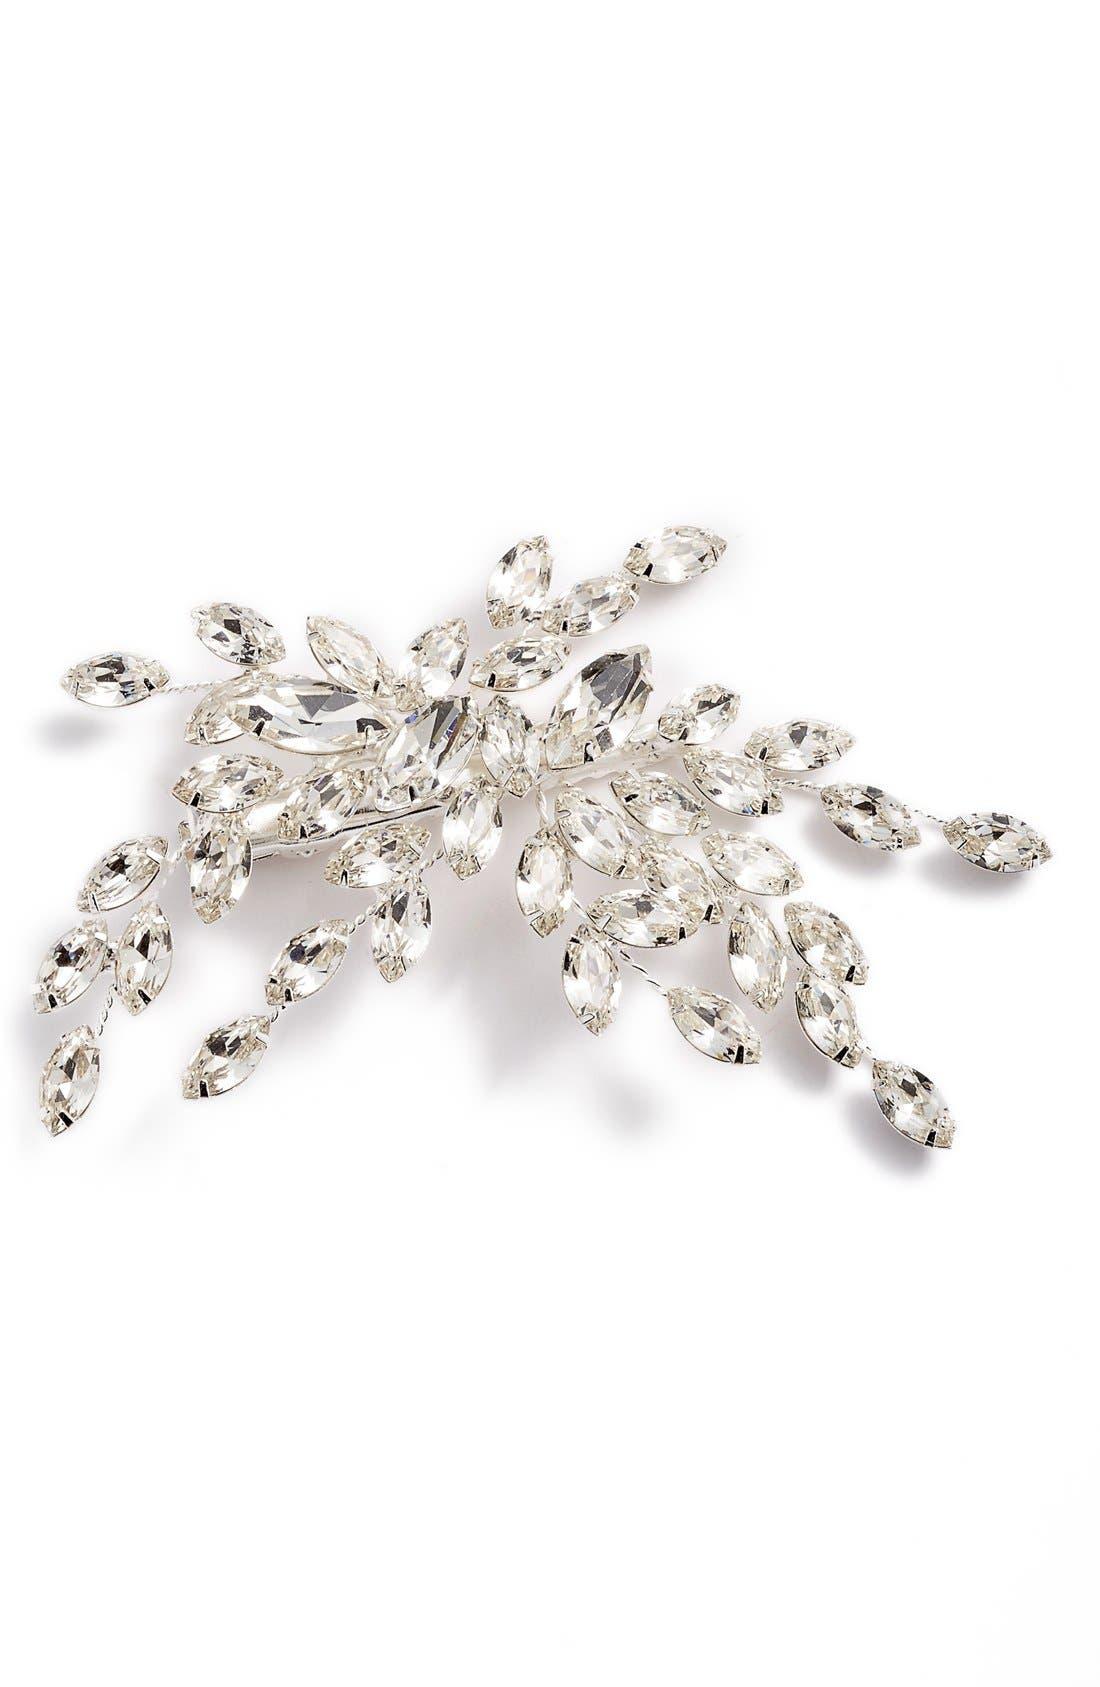 Main Image - Brides & Hairpins Isadora Crystal Hair Clip